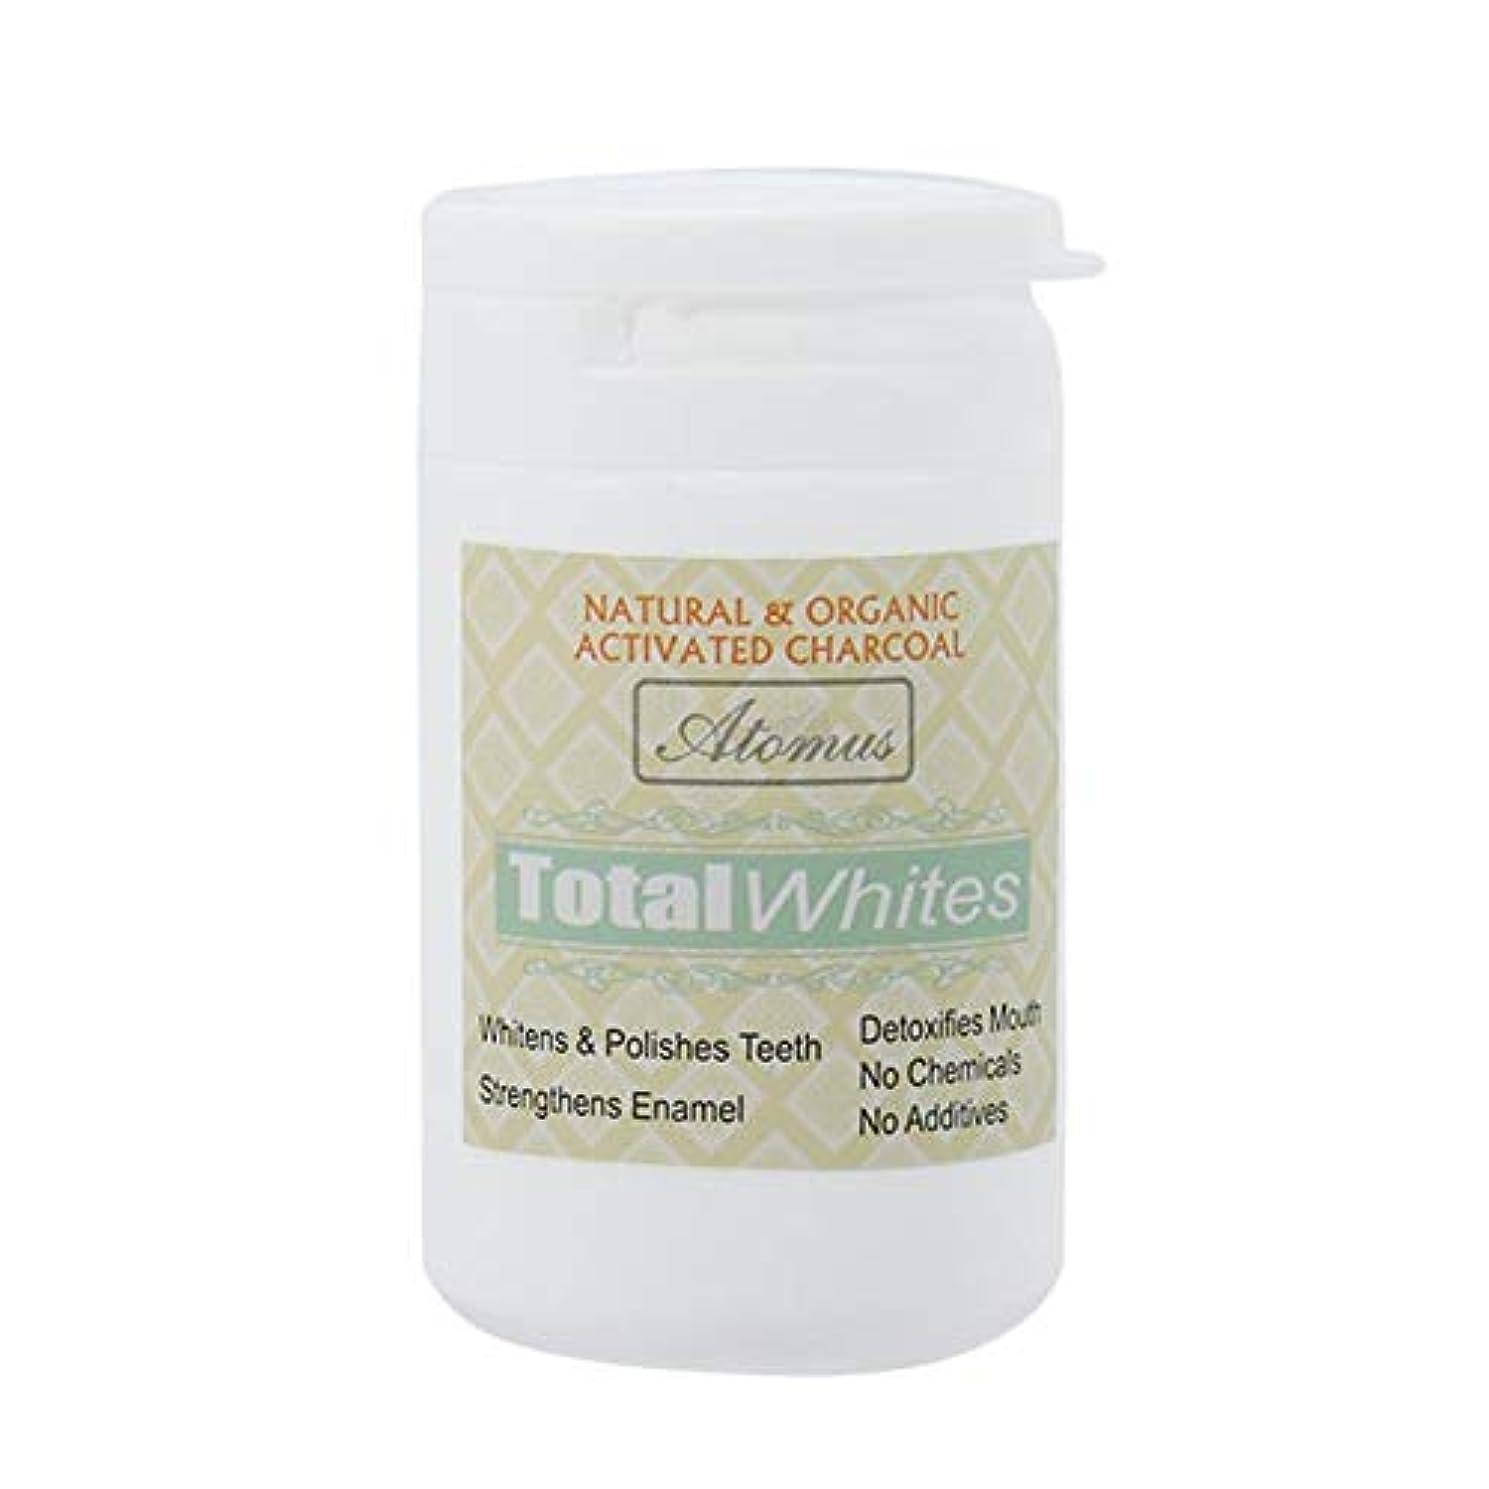 樹皮病暫定歯のホワイトニングパウダー、活性炭の歯のホワイトナーパウダー - 有機安全で効果的なホワイトナーの解決策 - ホワイトニングの歯とフレッシュな息